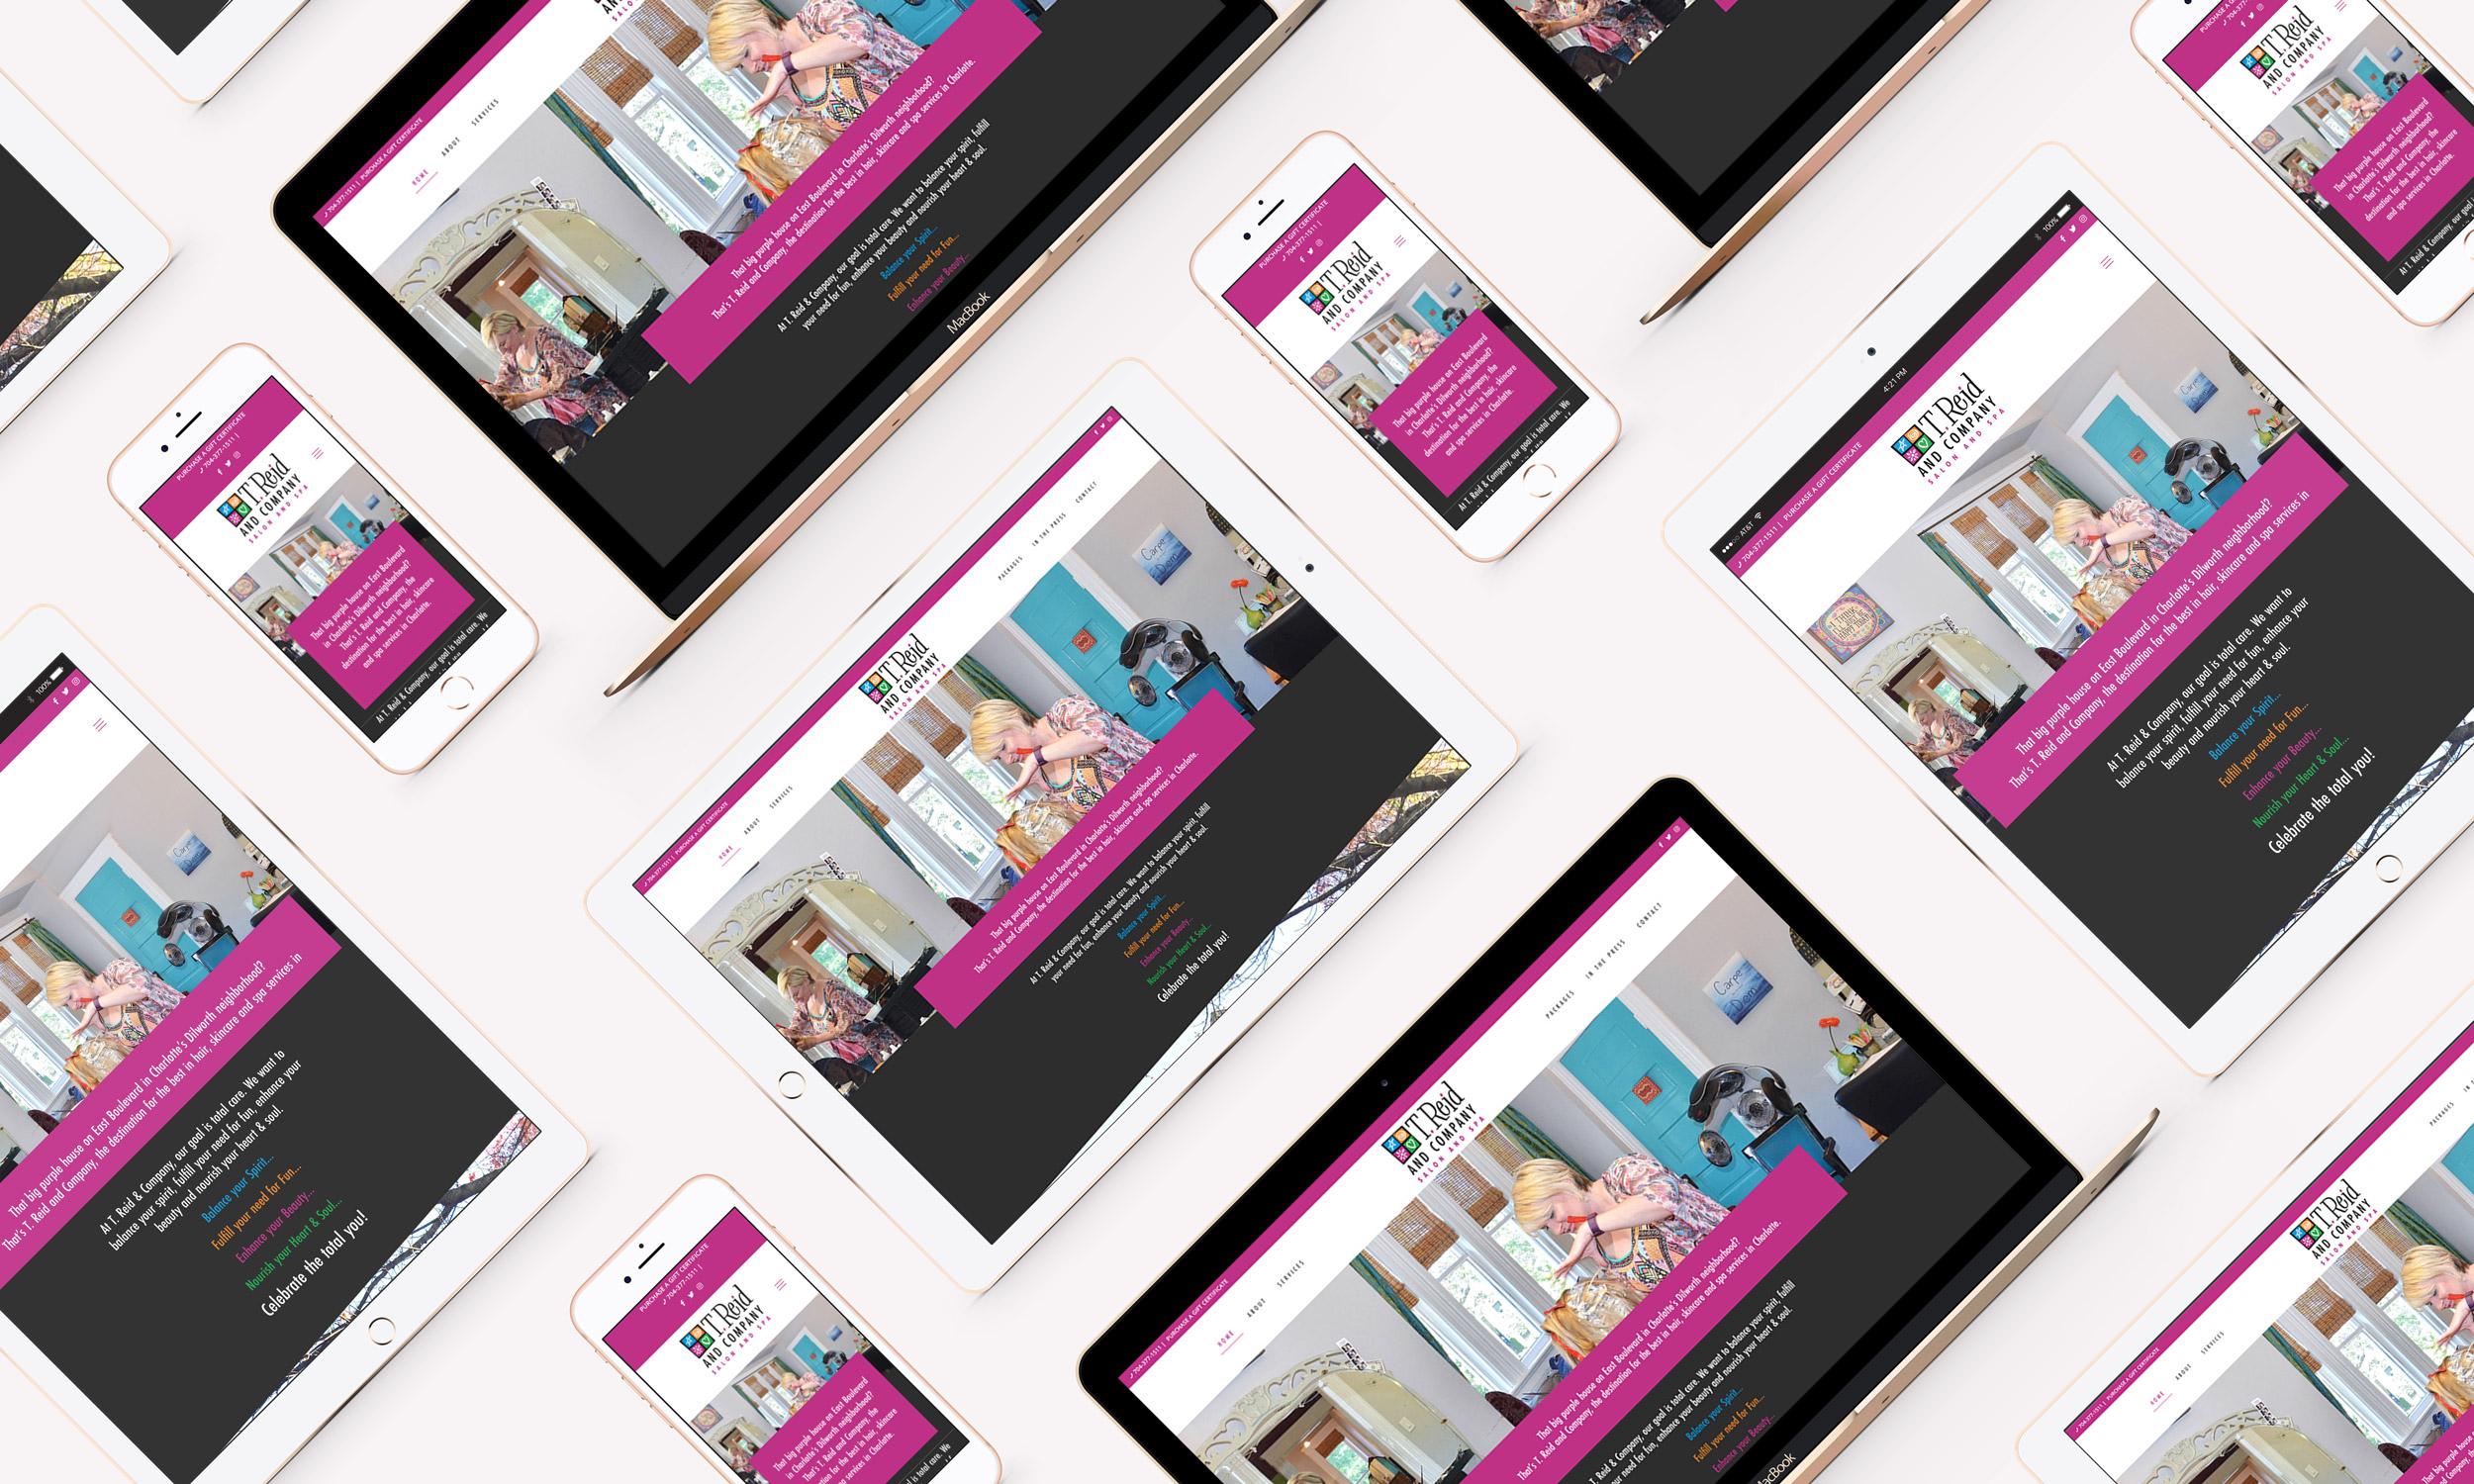 salon-website-designer-charlotte.jpg